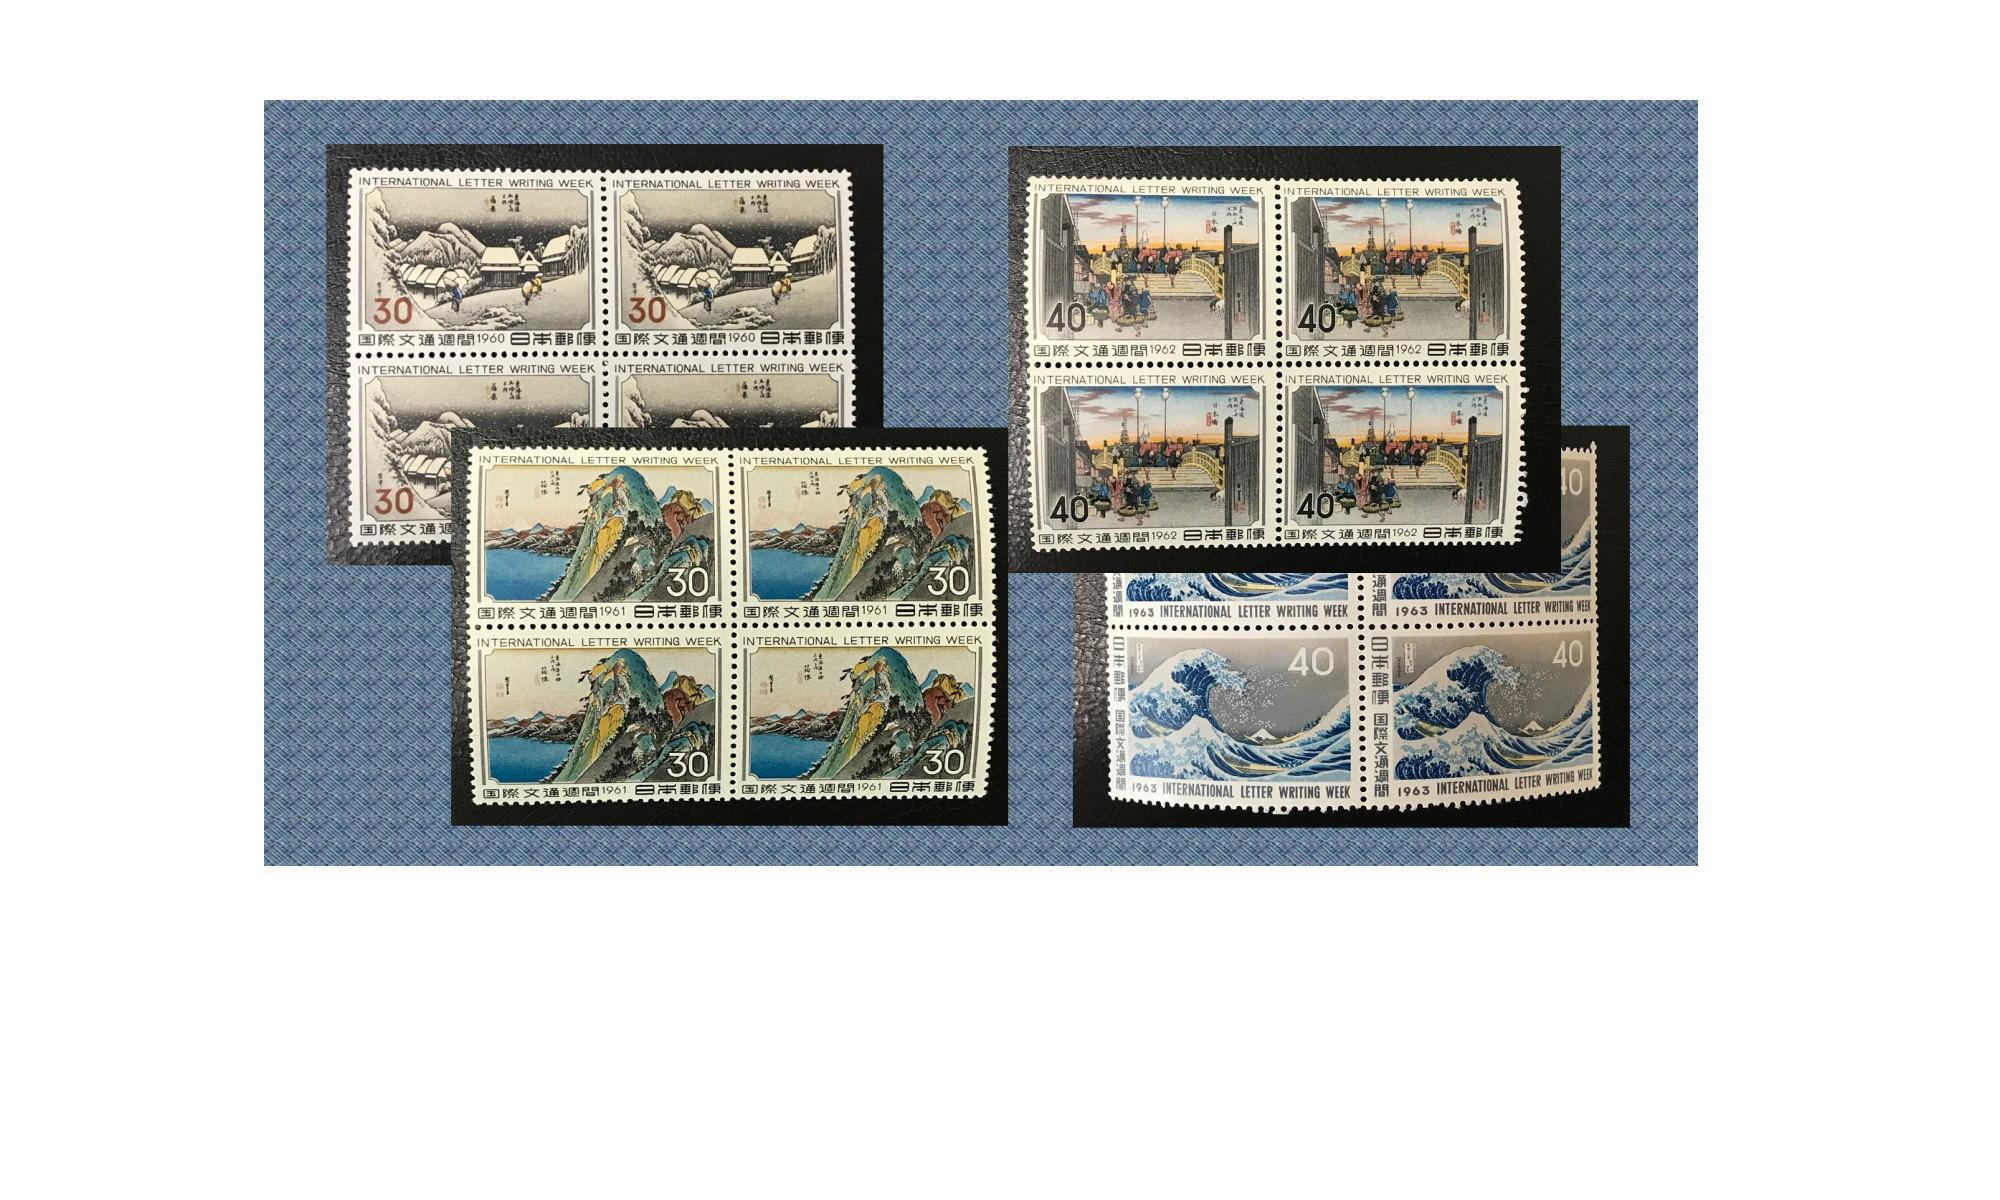 ペンペンの趣味の切手